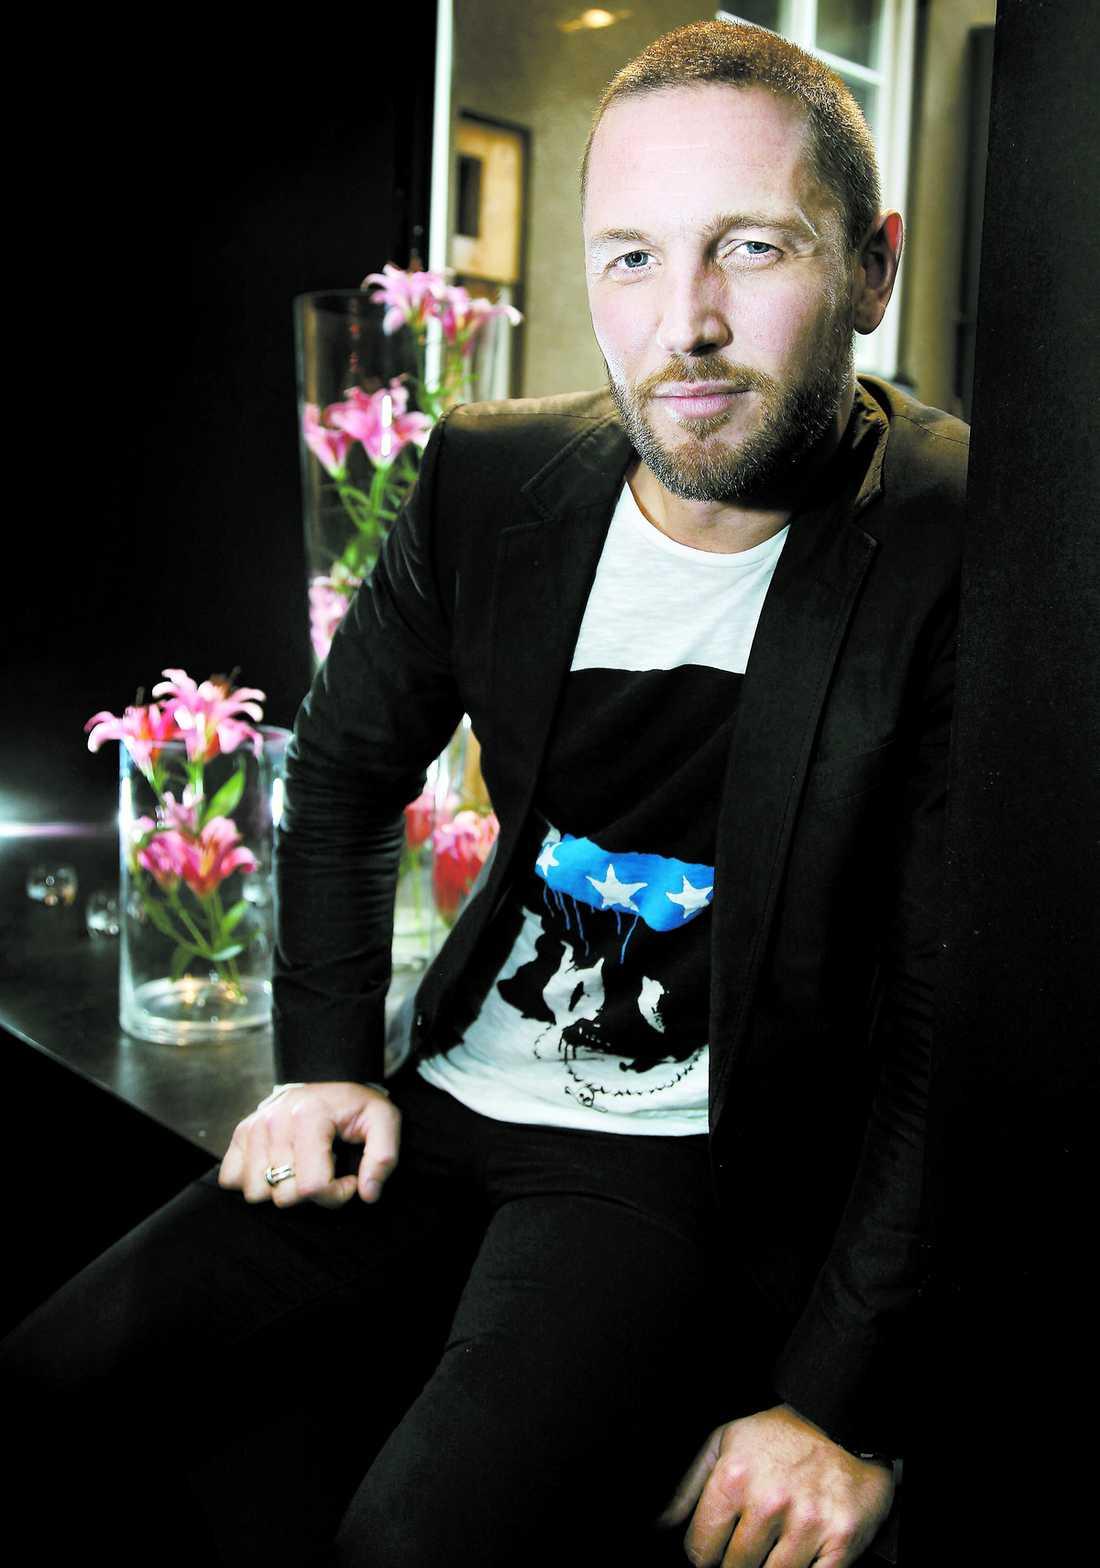 """ingen popstjärna Martin Björk är mest känd som programledare i Kanal 5:s """"Fråga Olle"""". Men han har även uppträtt på kändisfester – som sångare. """"Lena har fått mig att förstå att jag aldrig kan bli en popstjärna (skratt). Sången är på hobbynivå"""", säger han."""